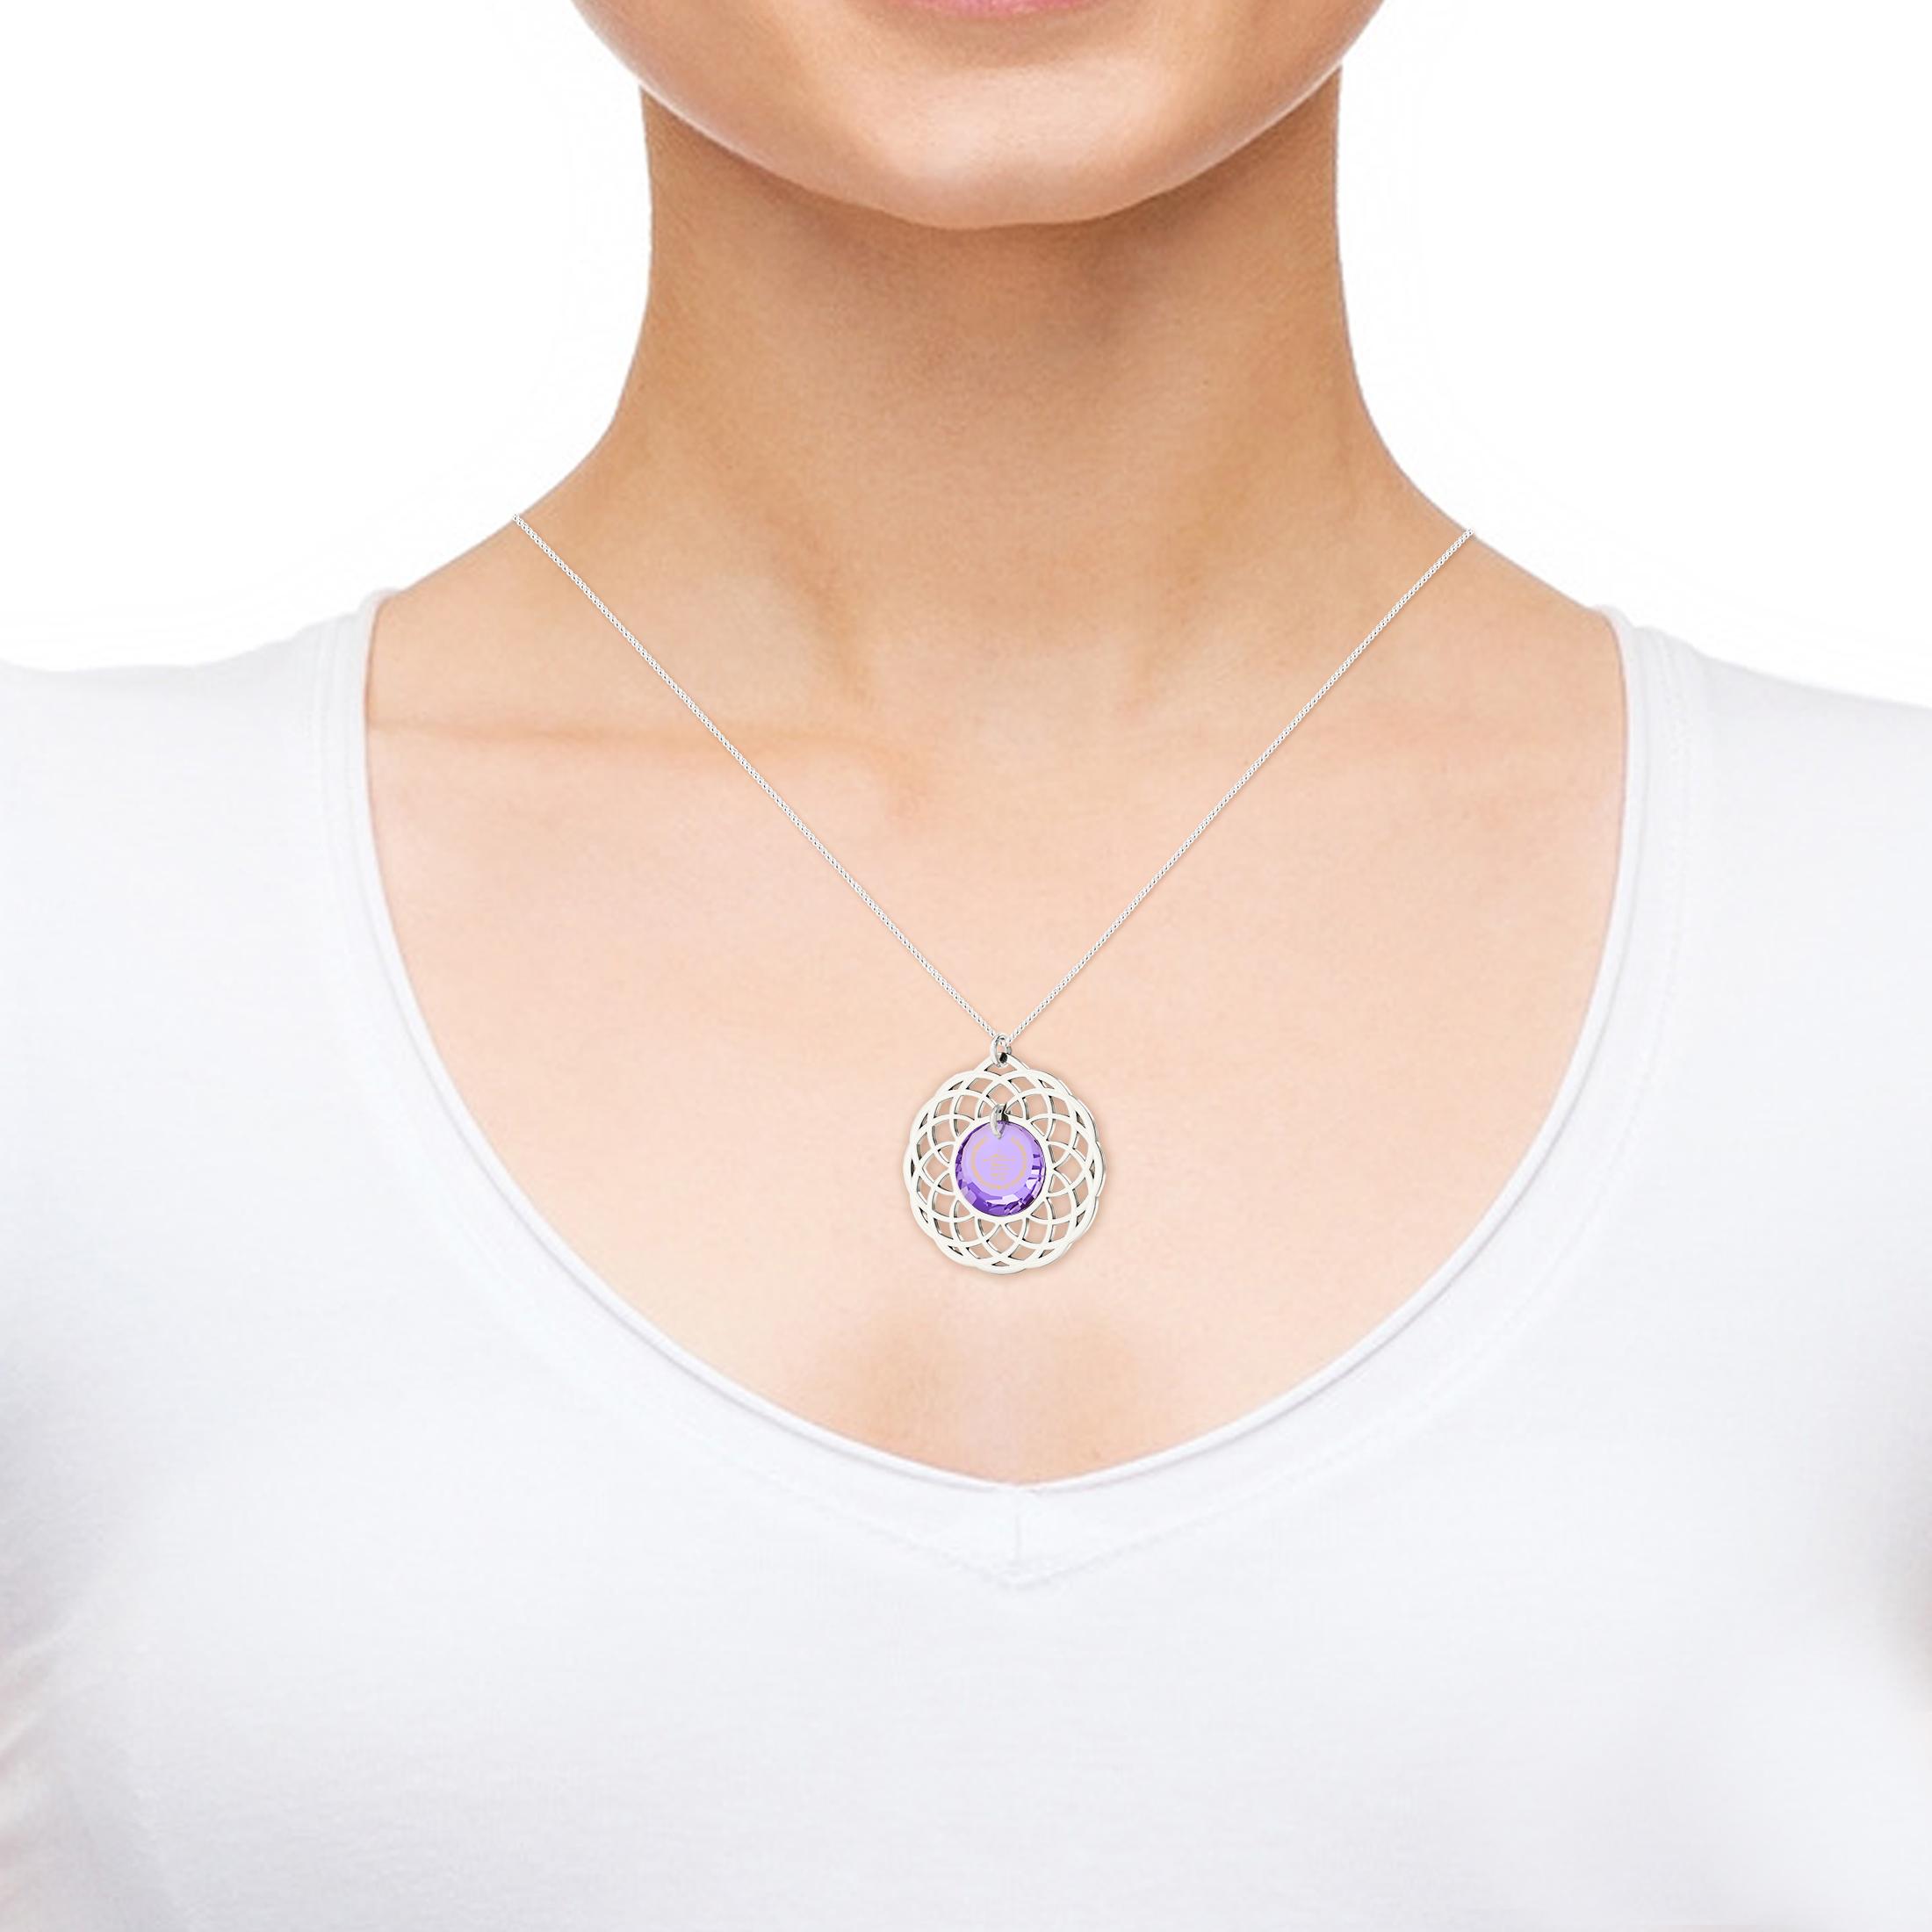 מתנה מקורית - רעיון למתנת יום הולדת - שרשרת לאמא - תליון תפילת השלווה - ננו תכשיטים